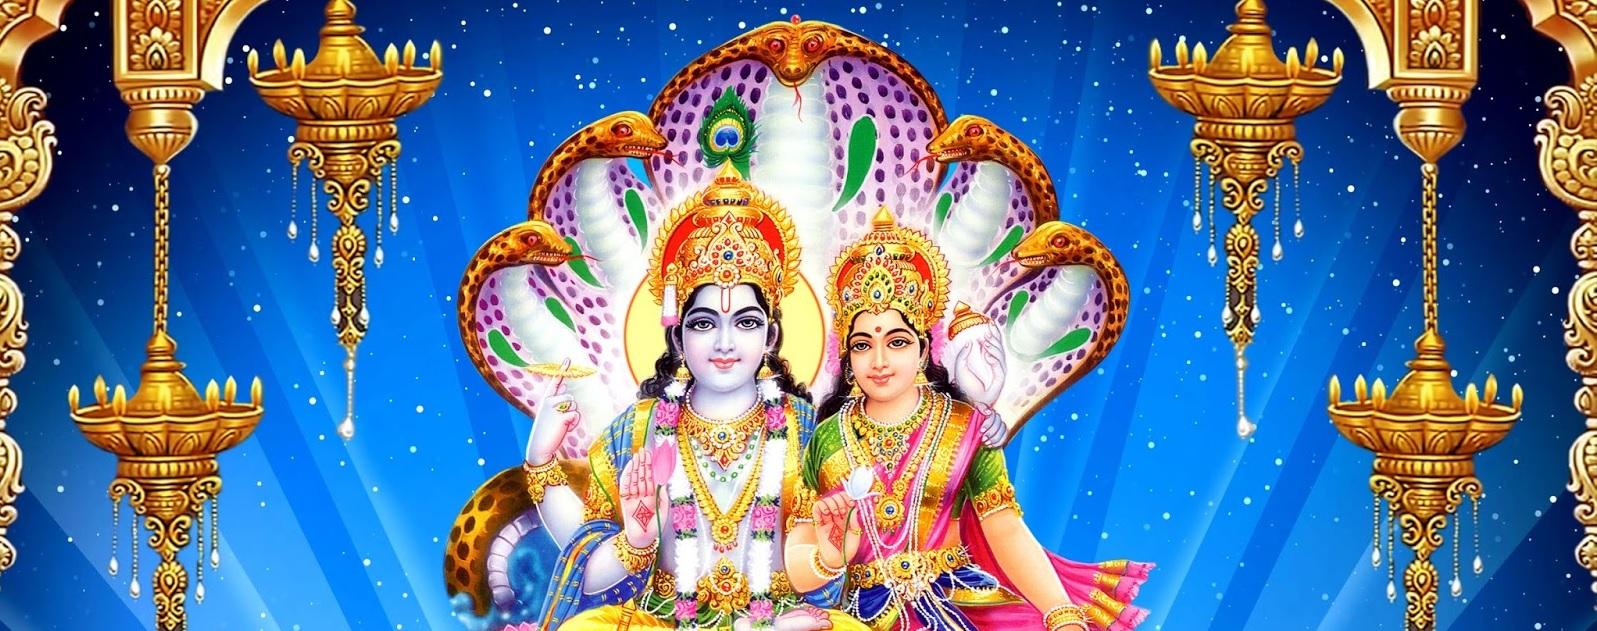 Image result for vishnu with lakshmi